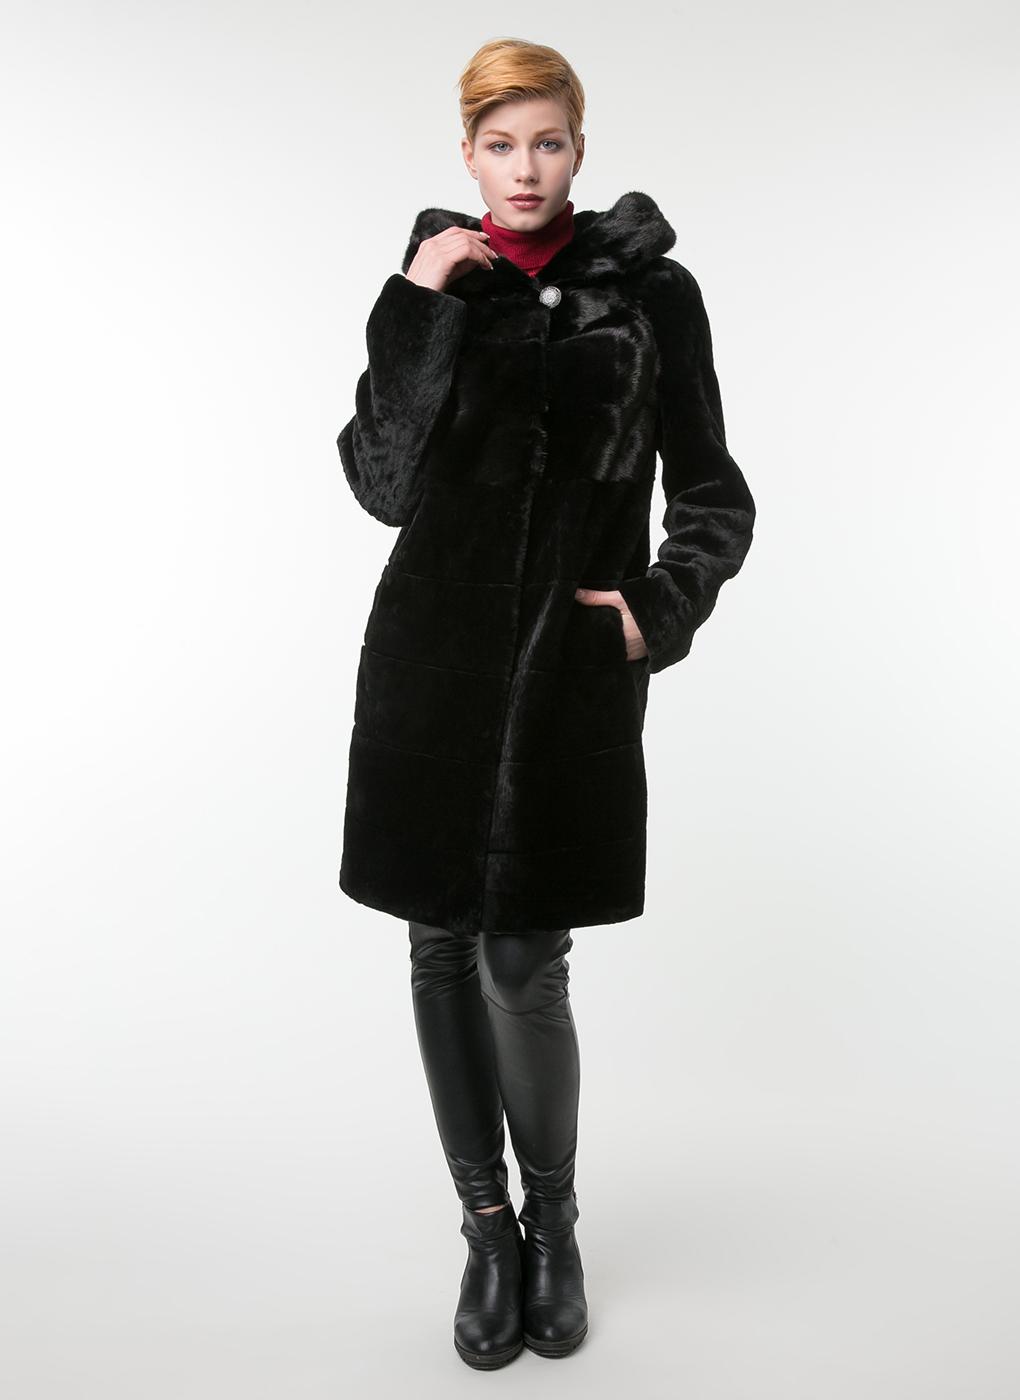 Пальто прямое из мутона 01, Alfafur фото